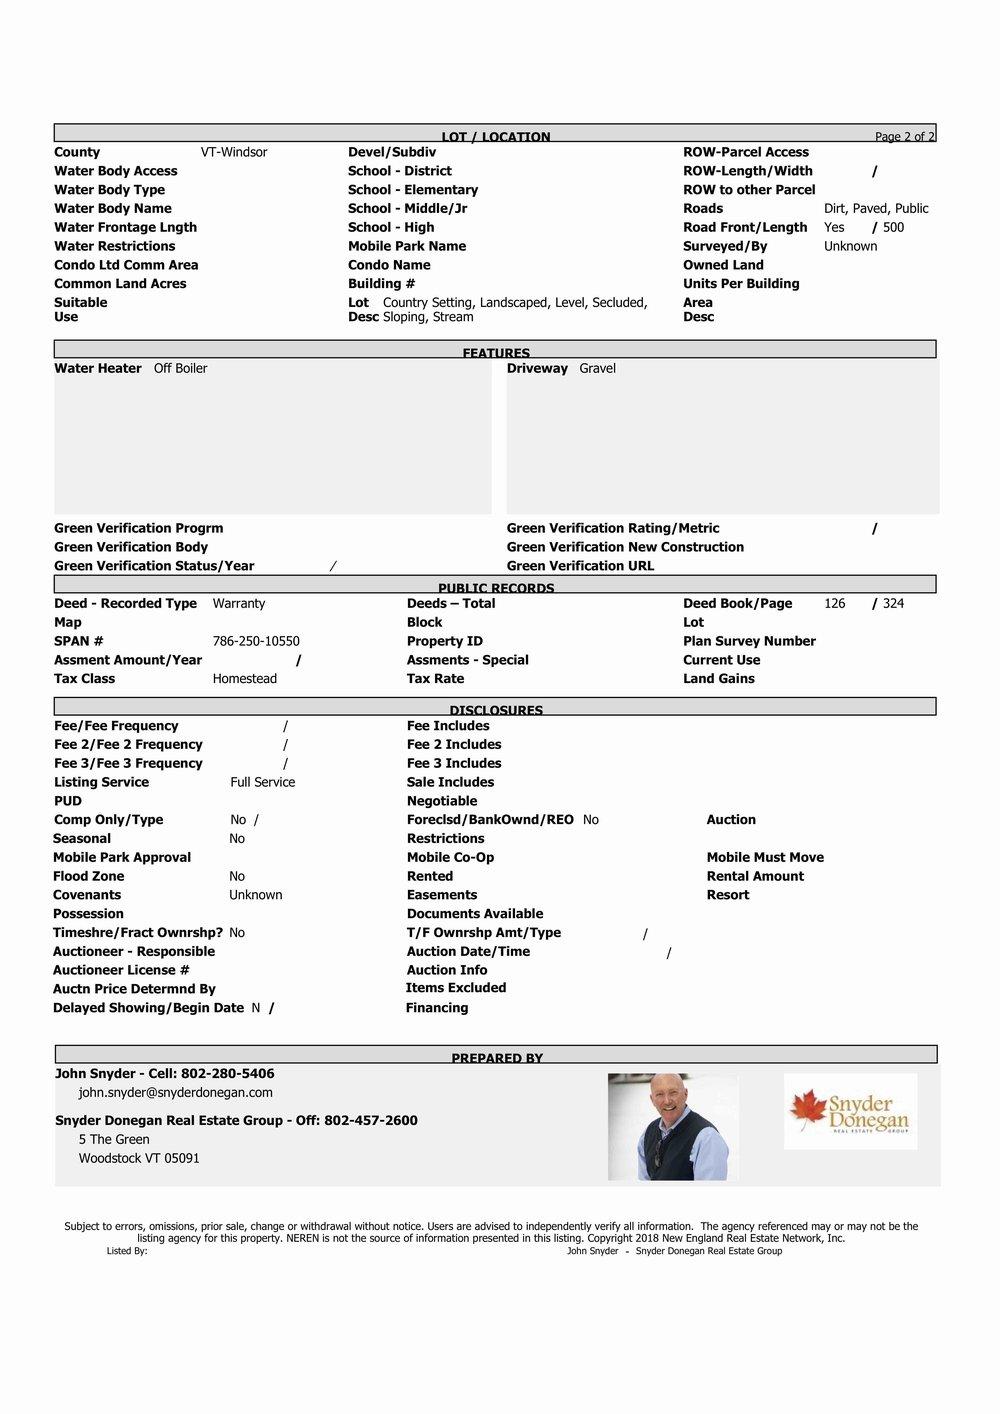 4662 Cloudland Rd - MLS Details2.jpg